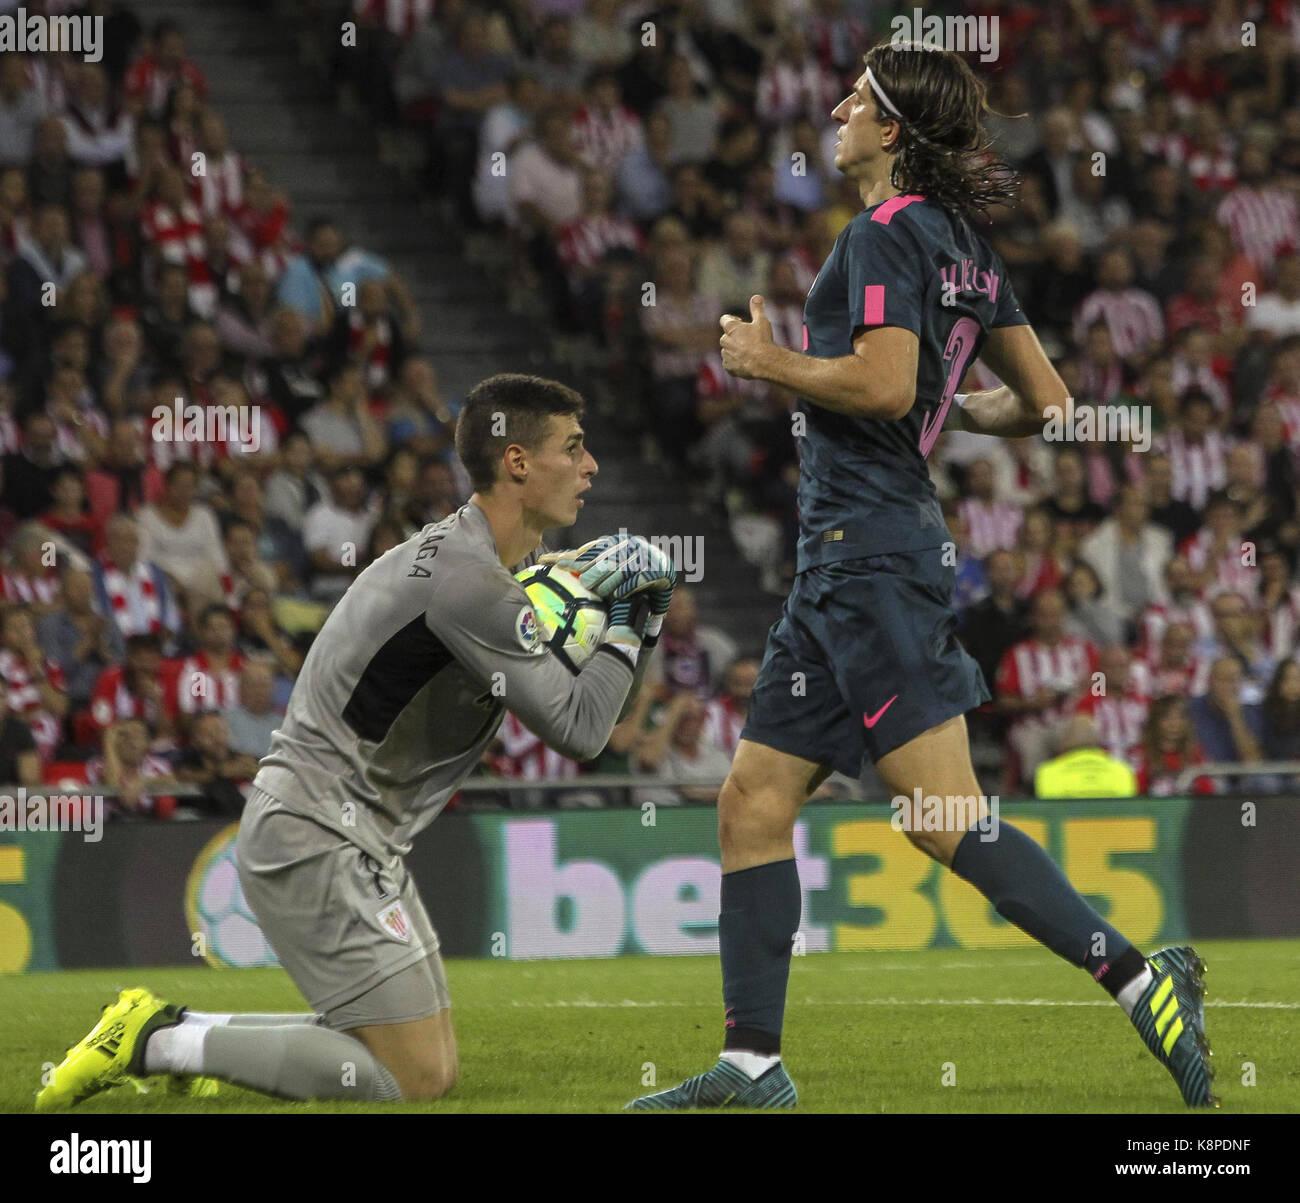 Athletic Bilbaos Goalkeeper Imágenes De Stock   Athletic Bilbaos ... 59e5217921cd6